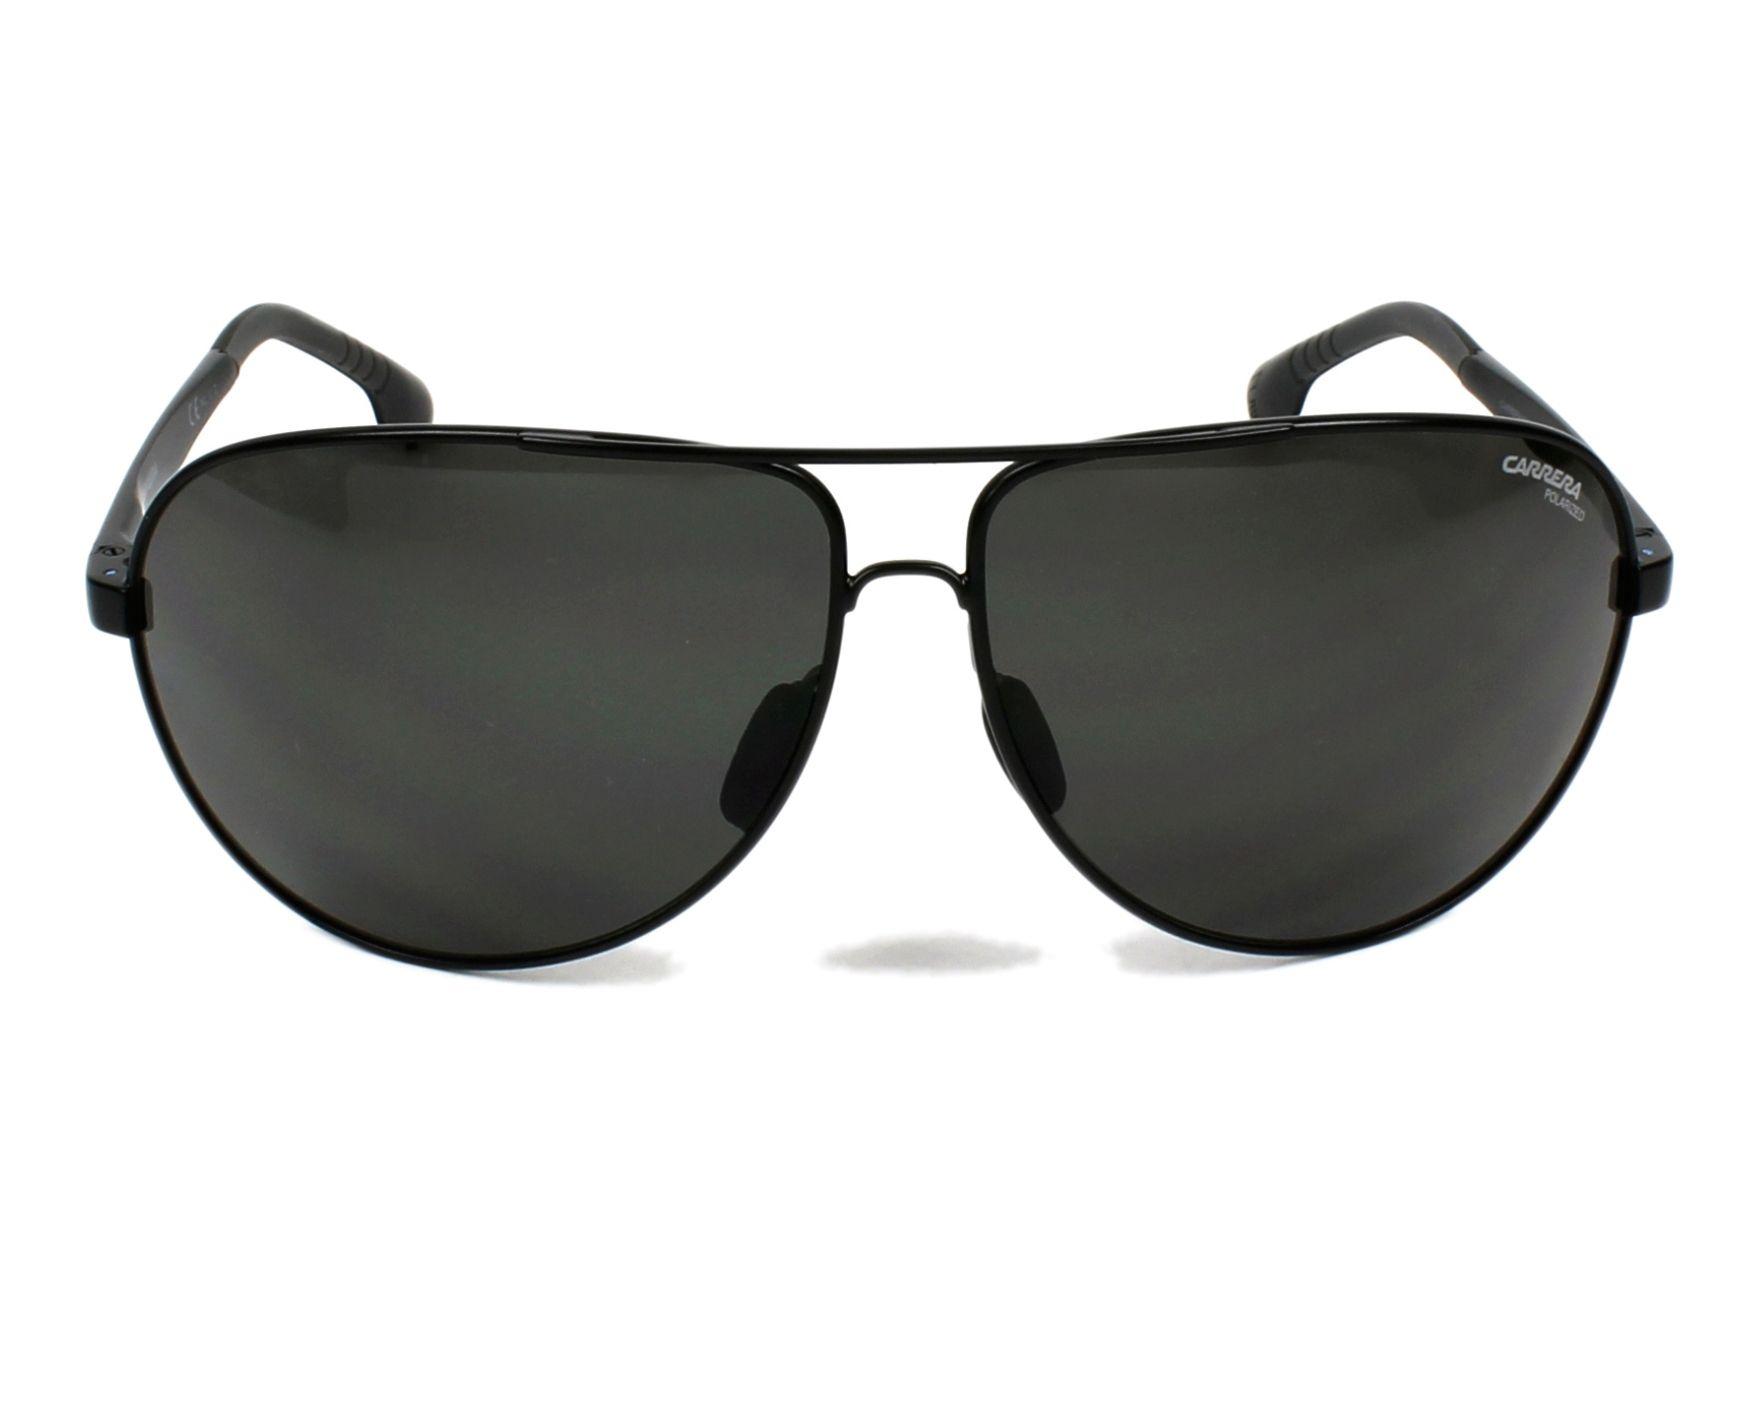 03e5728733 Gafas de sol Carrera 8023-S 003/M9 65-11 Negra vista de